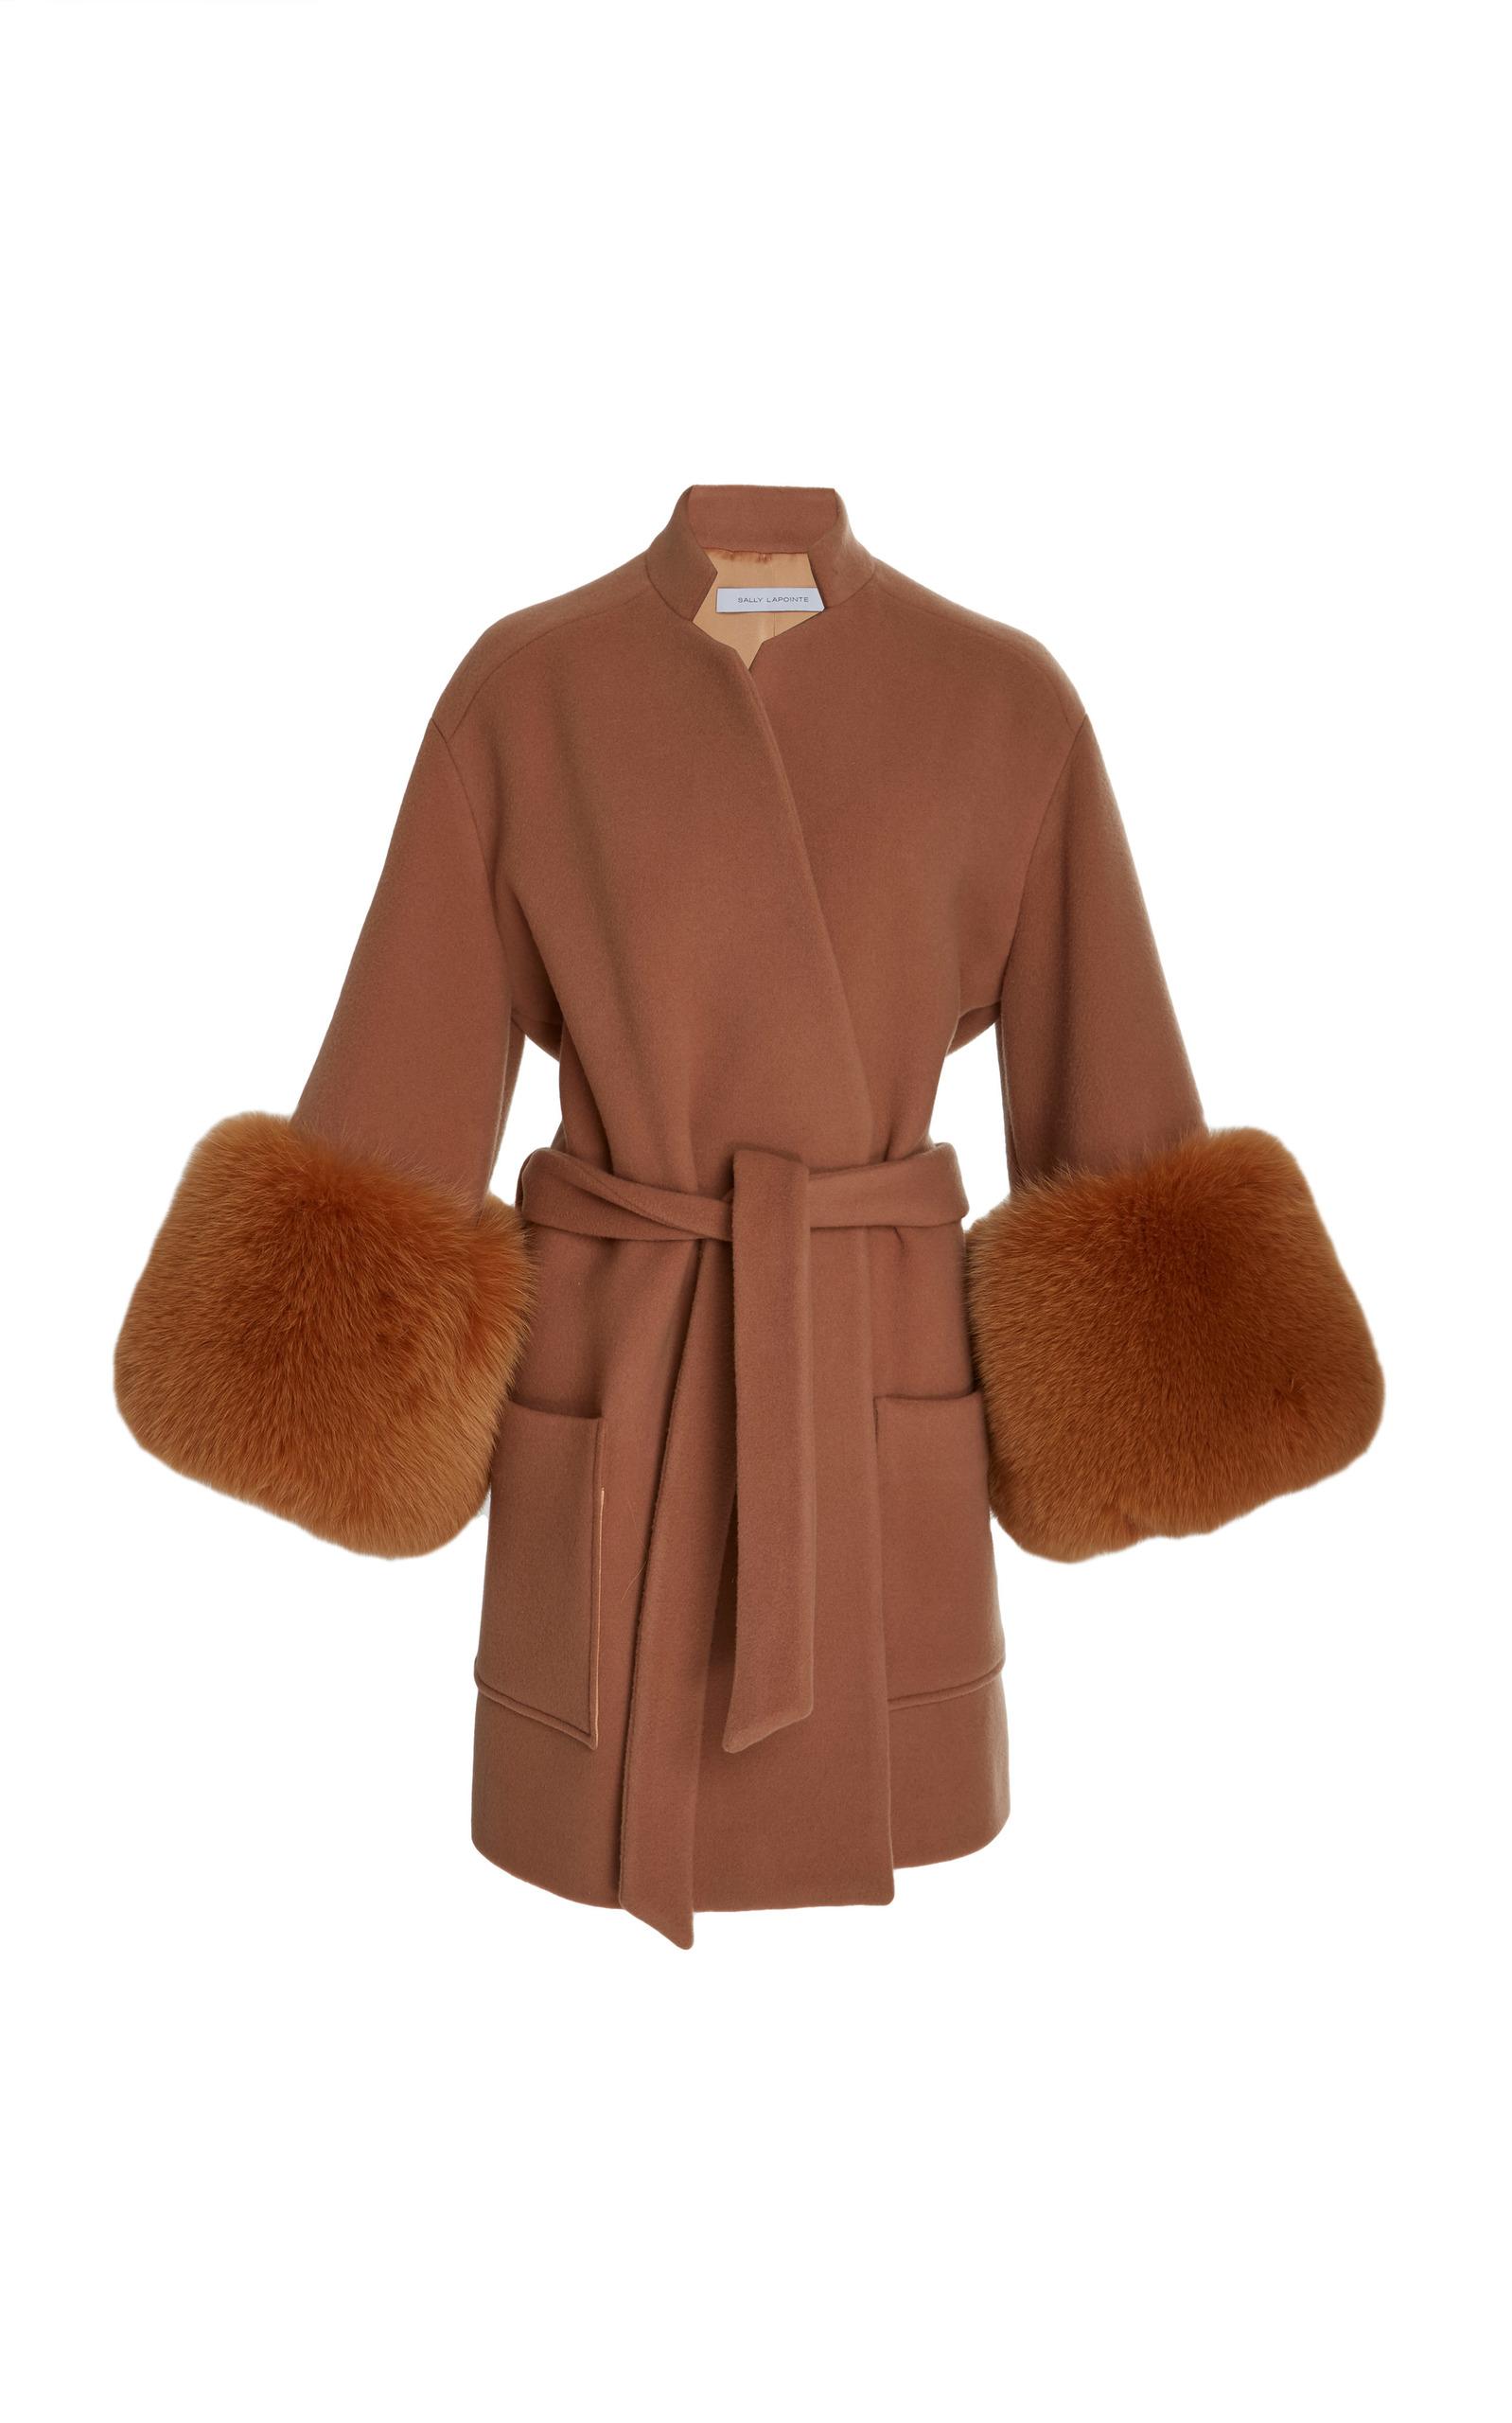 With by Sally Fox LaPointe Coat Moda Fur Kimono Operandi 7xwvOW